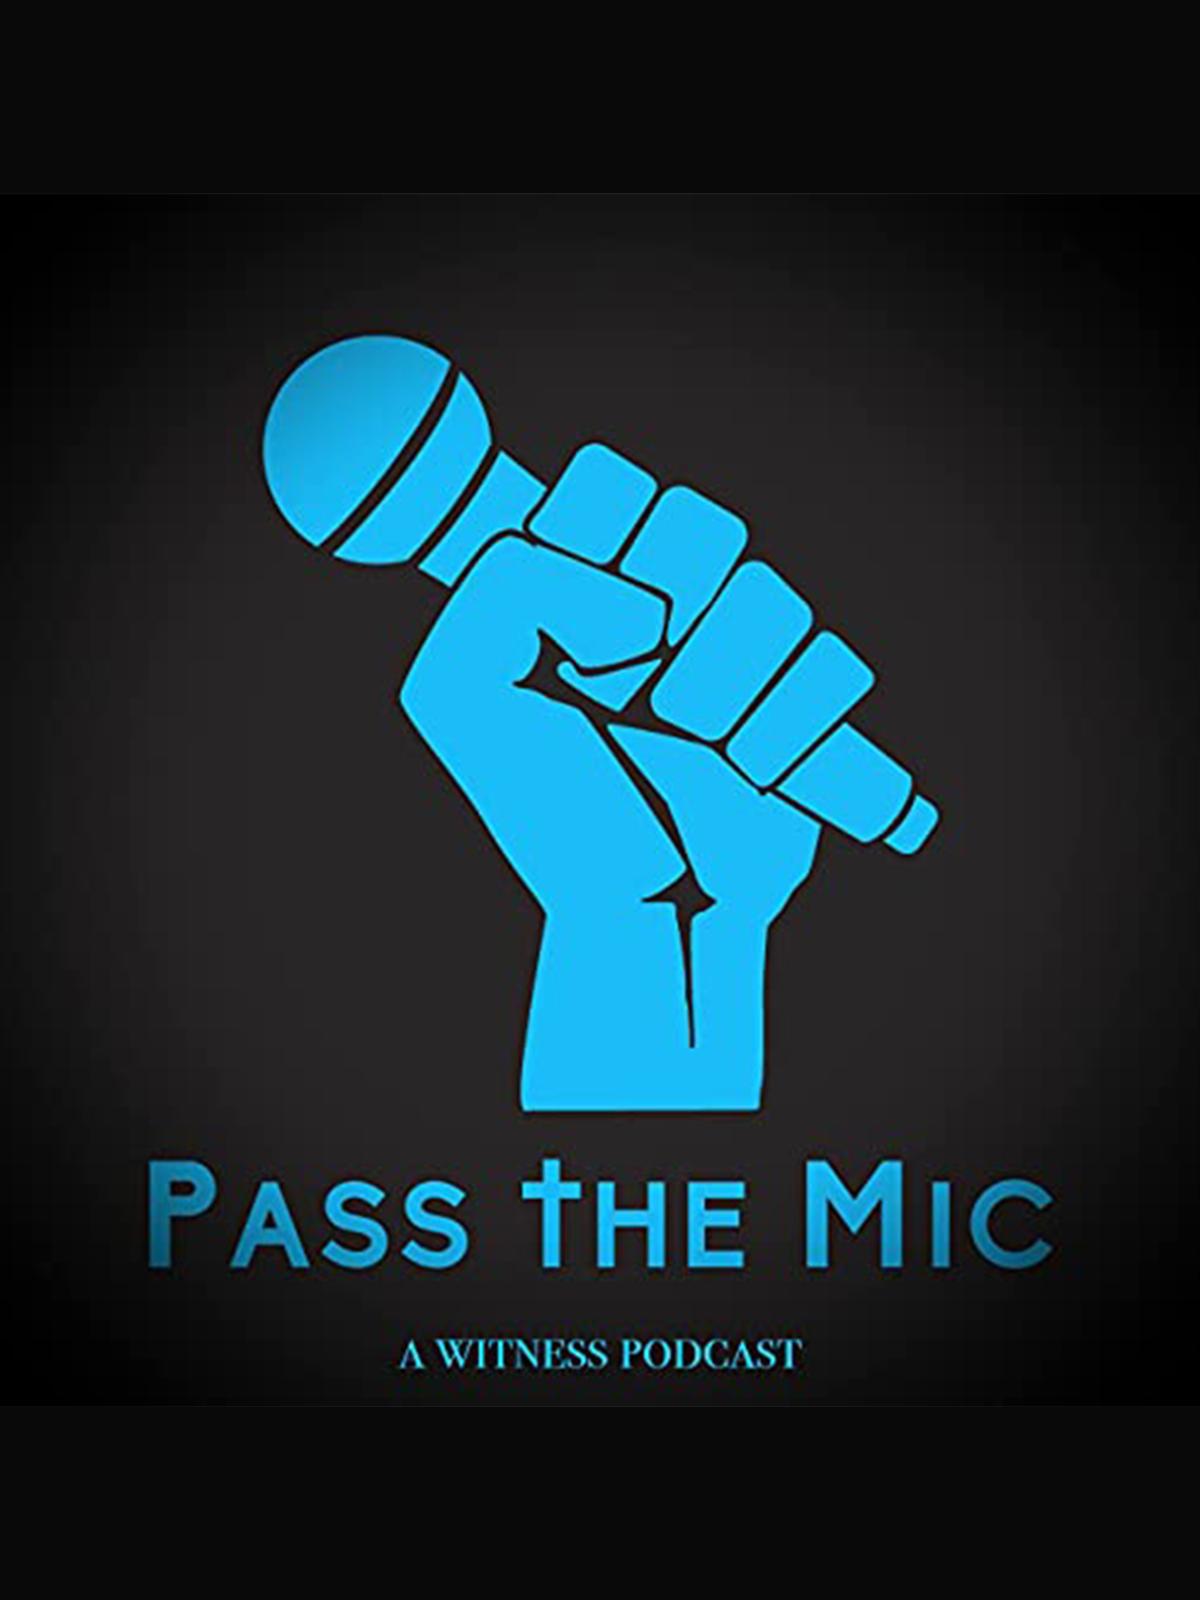 Pass the mic edit